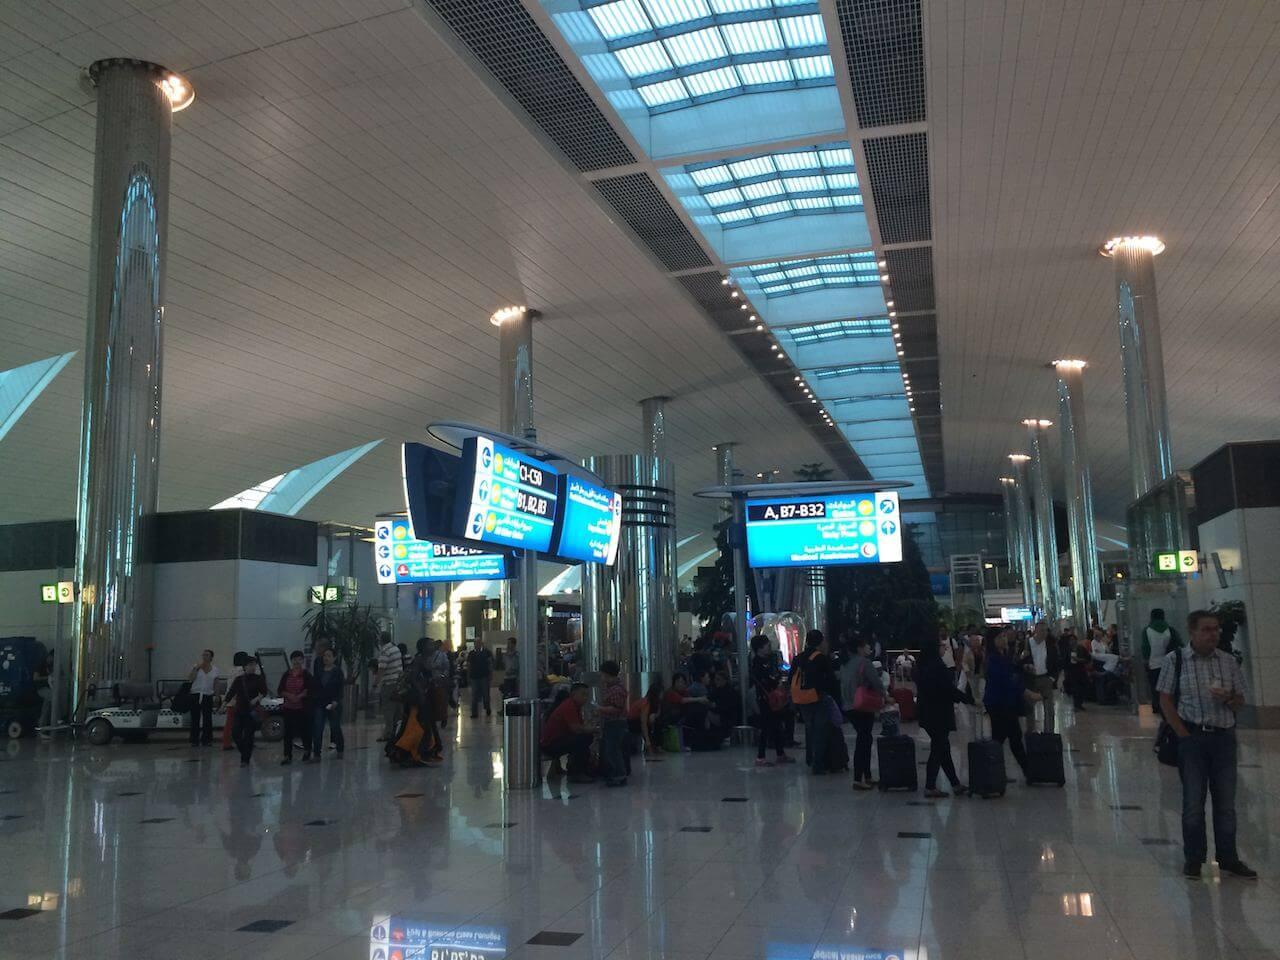 Lotnisko w Dubaju. Słyszałem zachwyty, kiedy tam leciałem. Nie wiem nad czym. Jest całkiem duże, jest bardzo czyste, bardzo ładne, nieźle zaopatrzone, ale bez przesady. Do Frankfurtu czy tego londyńskiego (nie chce mi się sprawdzać jak się pisze), to mu jeszcze daleko. Nawet w Atlancie czy Las Vegas jest więcej do zwiedzenia i zobaczenia i kupienia. Ja byłem rozczarowany, zwłaszcza tym, że droga od samolotu do lotniska to jakieś 20 minut jazdy autobusem. A potem jeszcze pół godziny w kolejce do wiz. No prawie jak na JFK. Przegięcie.